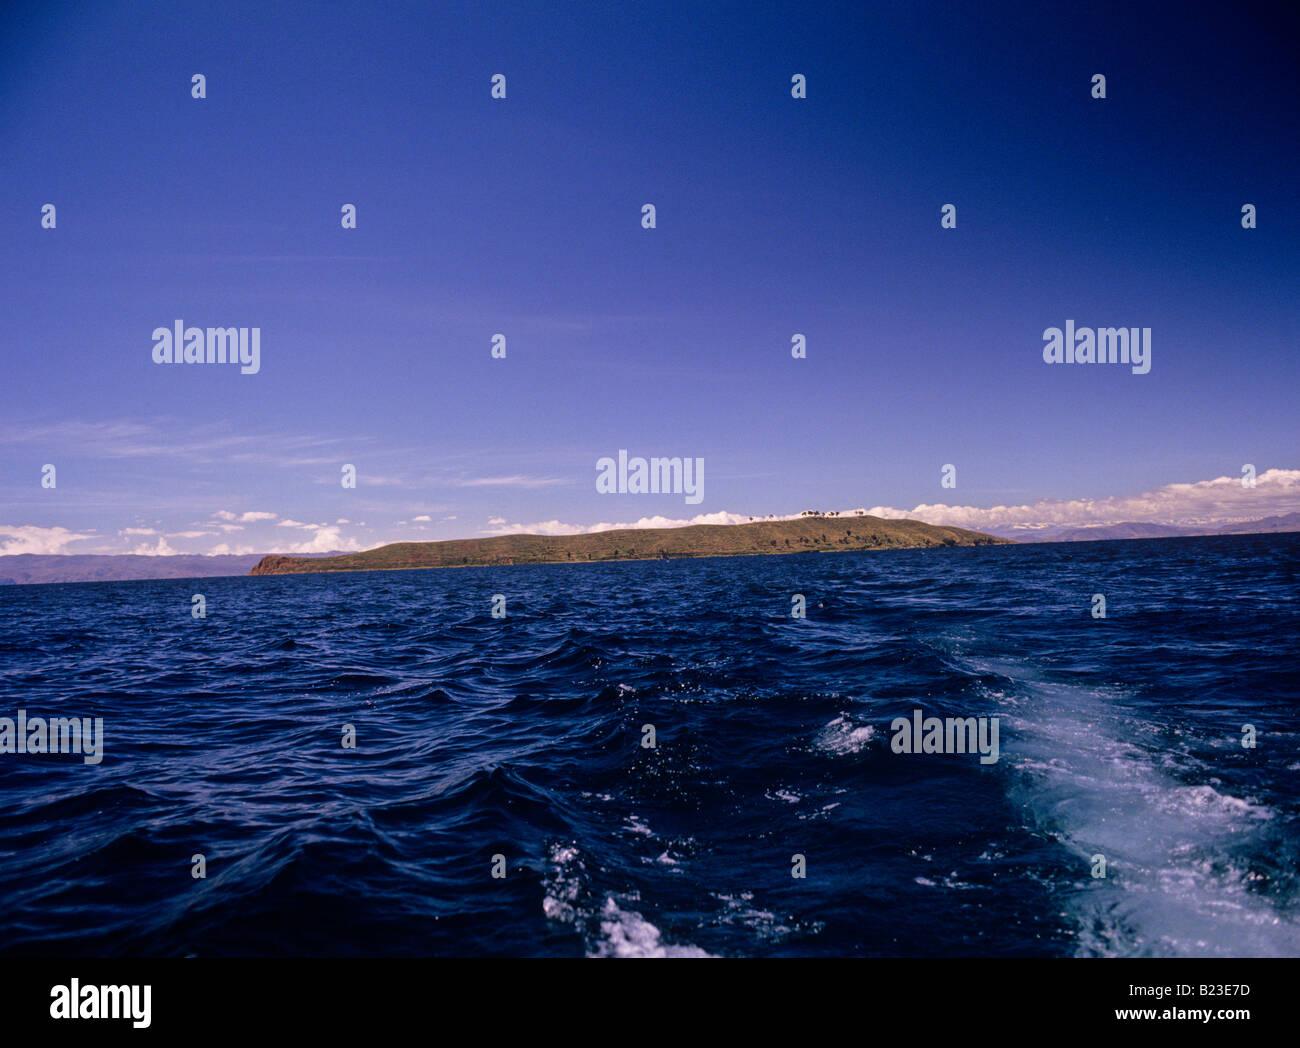 island of the sun or isla del sol lake titicaca bolivia - Stock Image